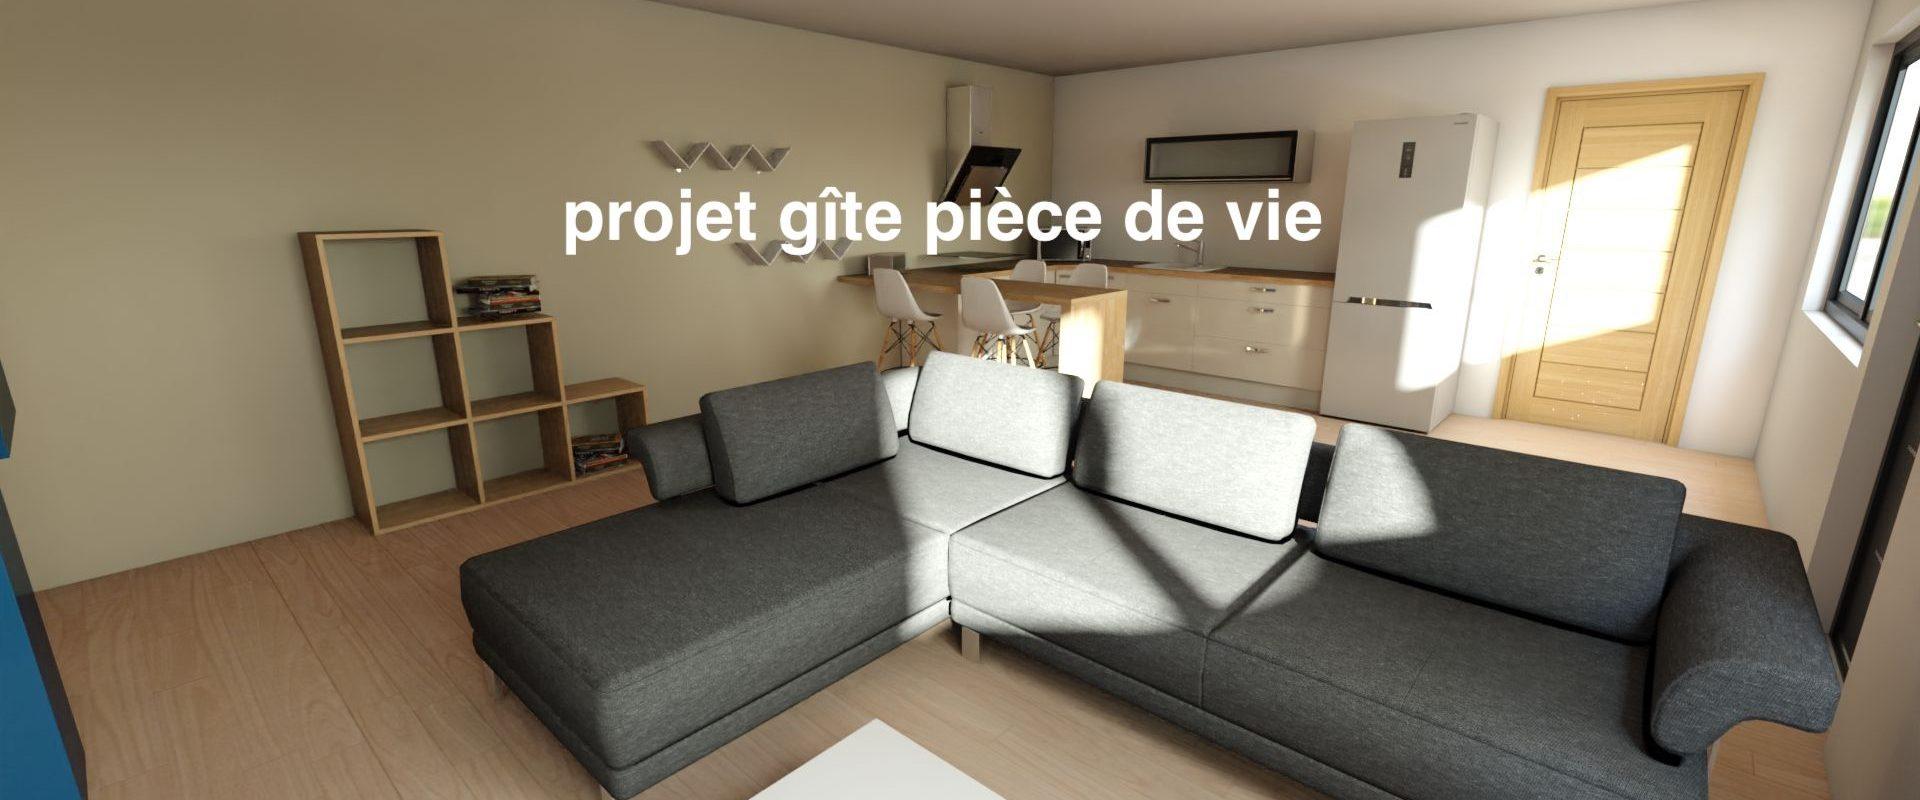 Maison de maître 25 minutes Arras